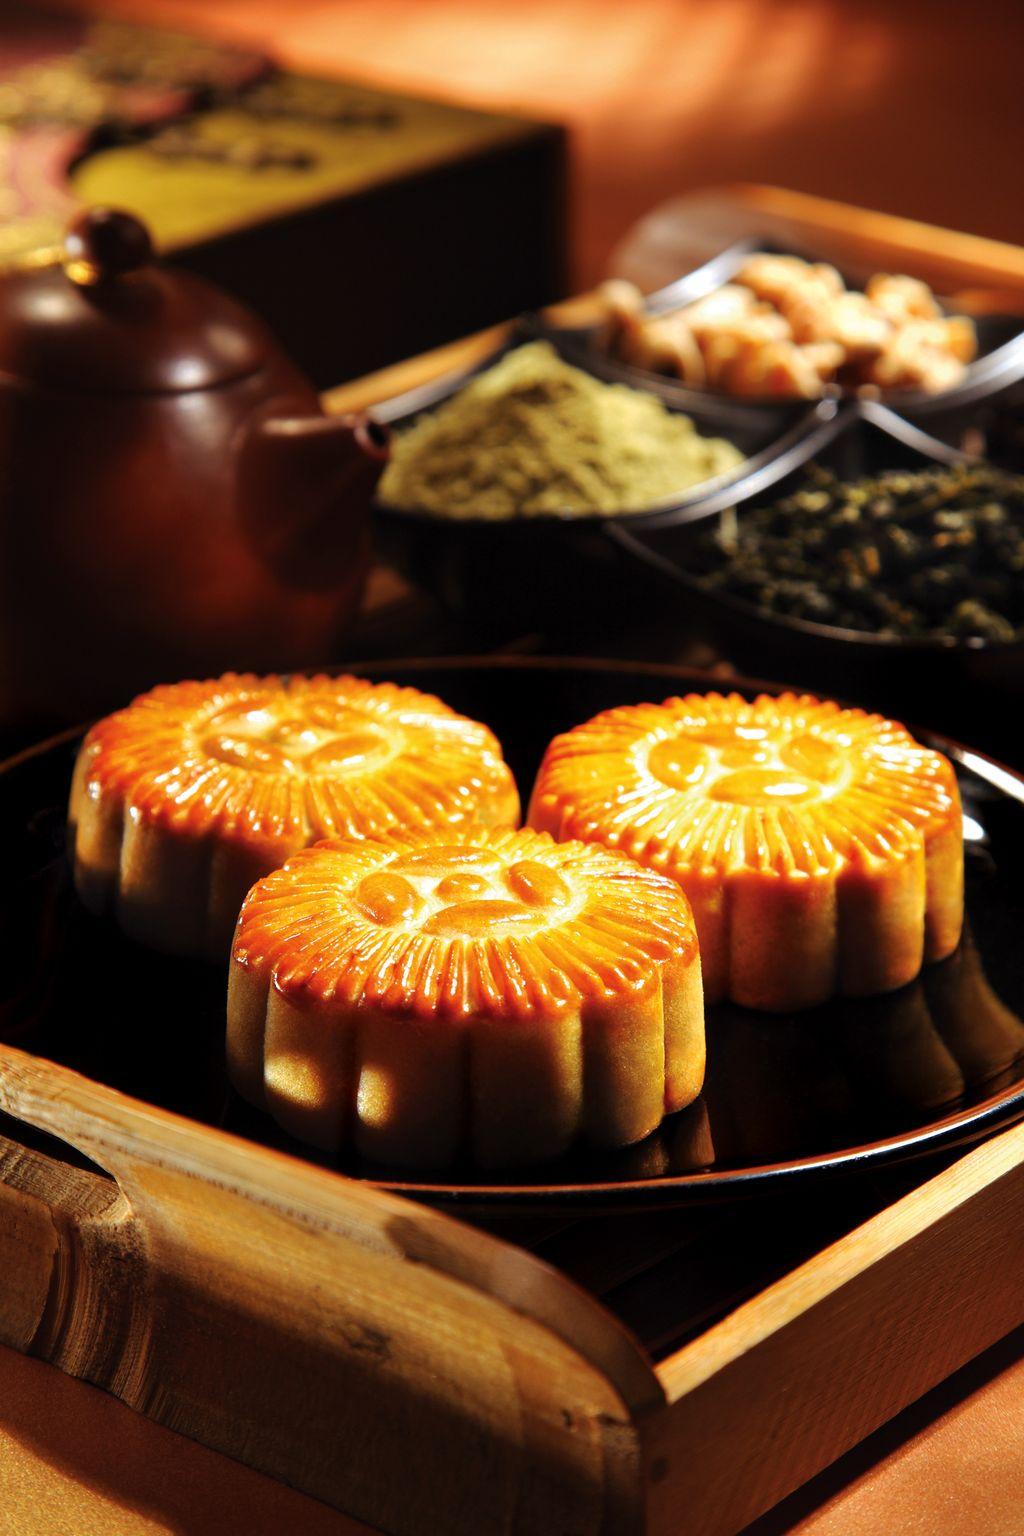 煙波大飯店今年推出的廣式月餅,皮薄餡豐,最適合搭配好茶一起享用。